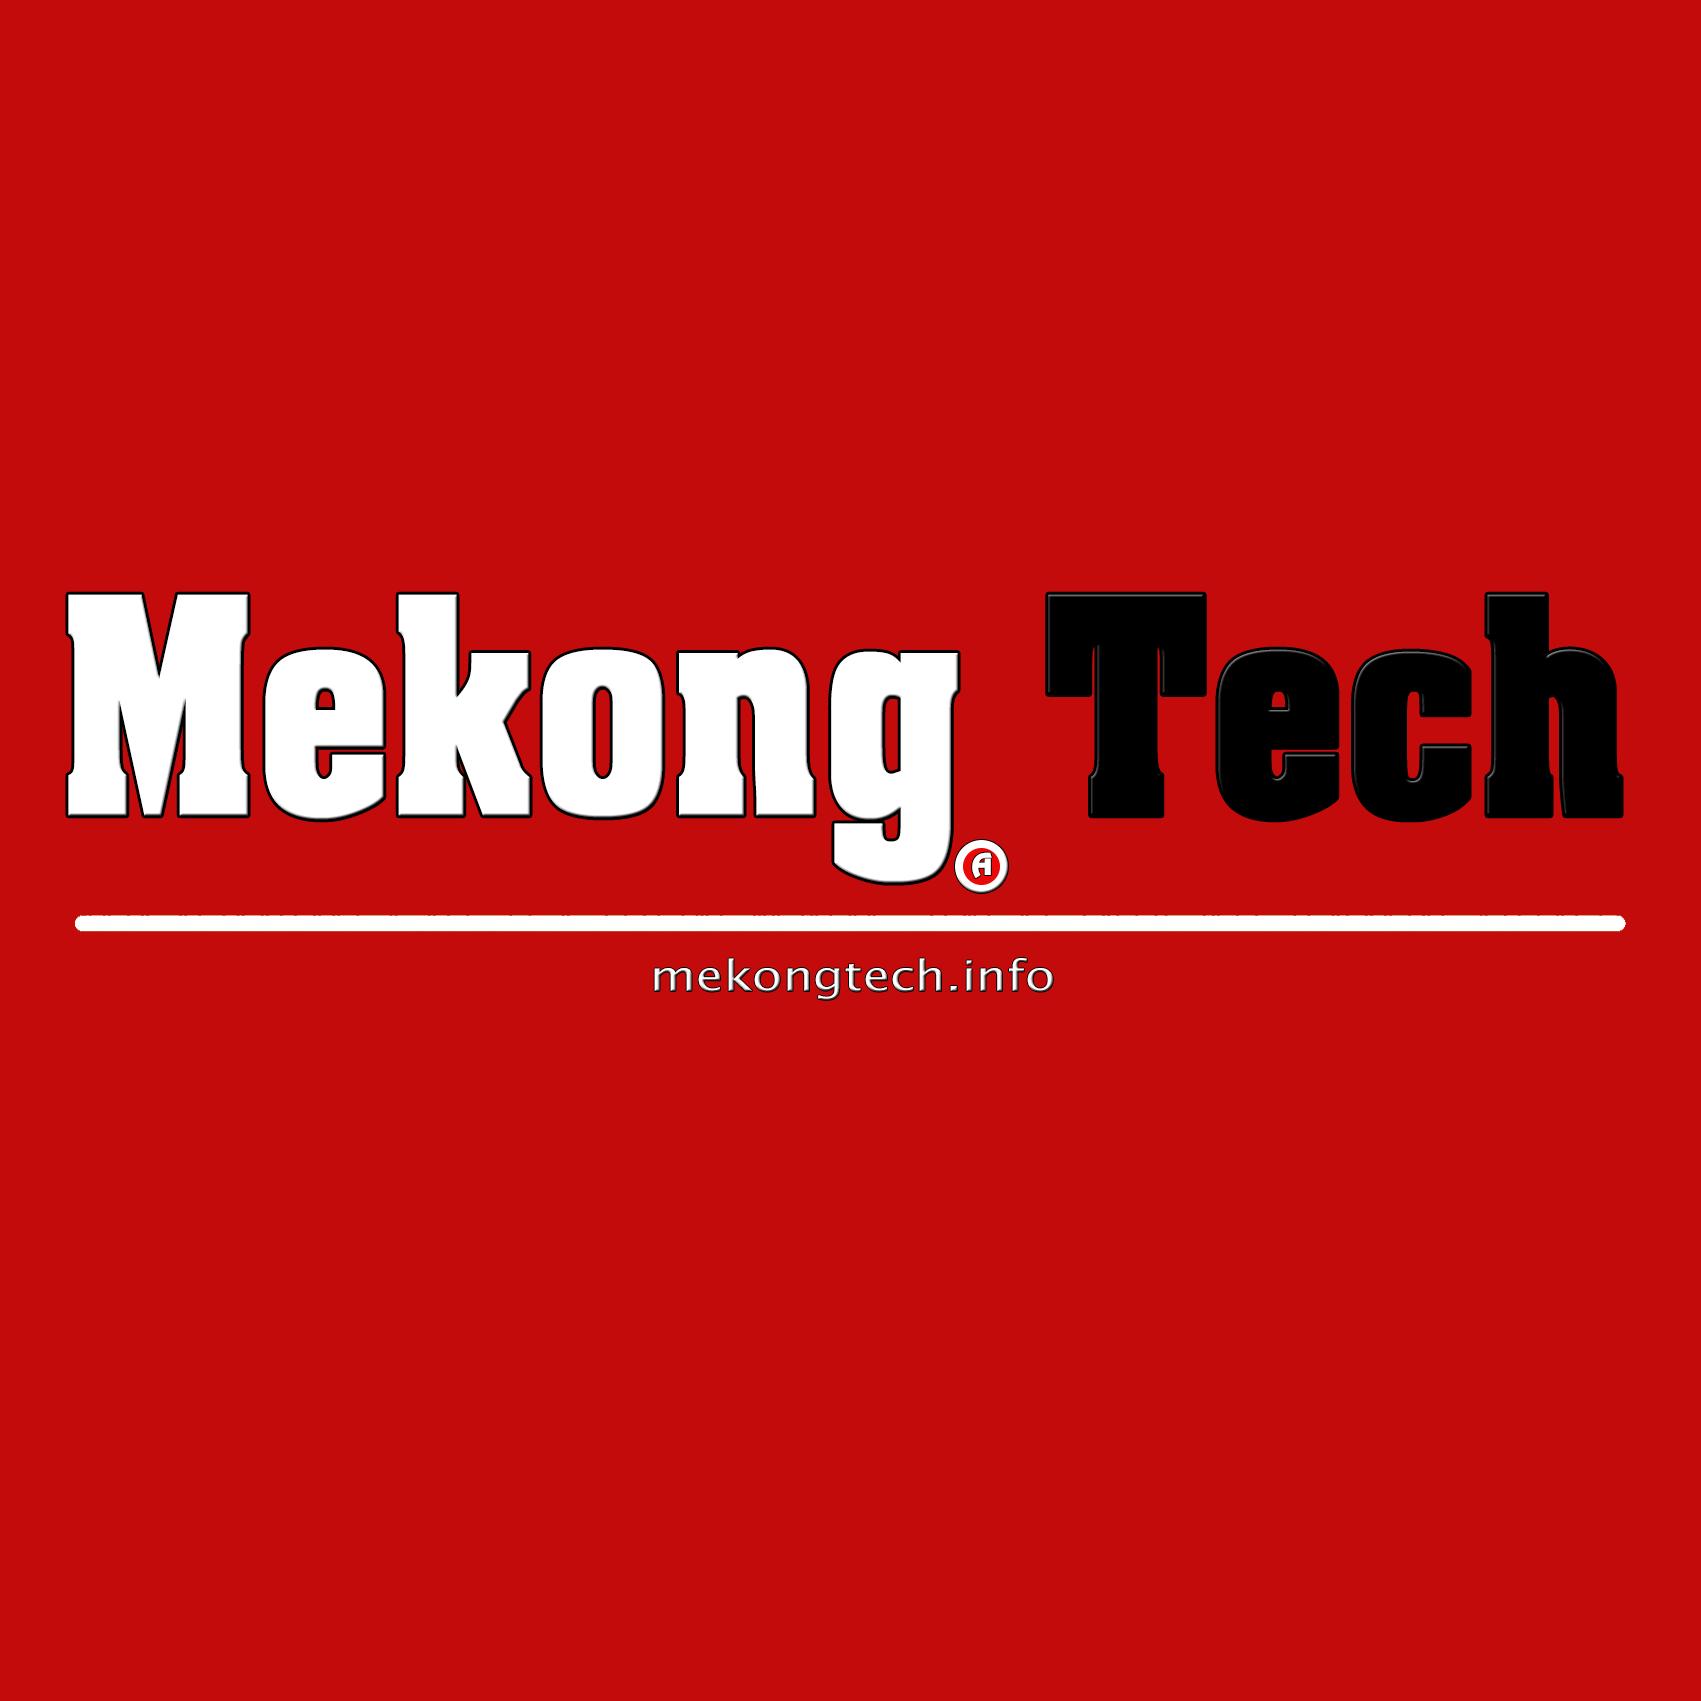 Mekong Tech